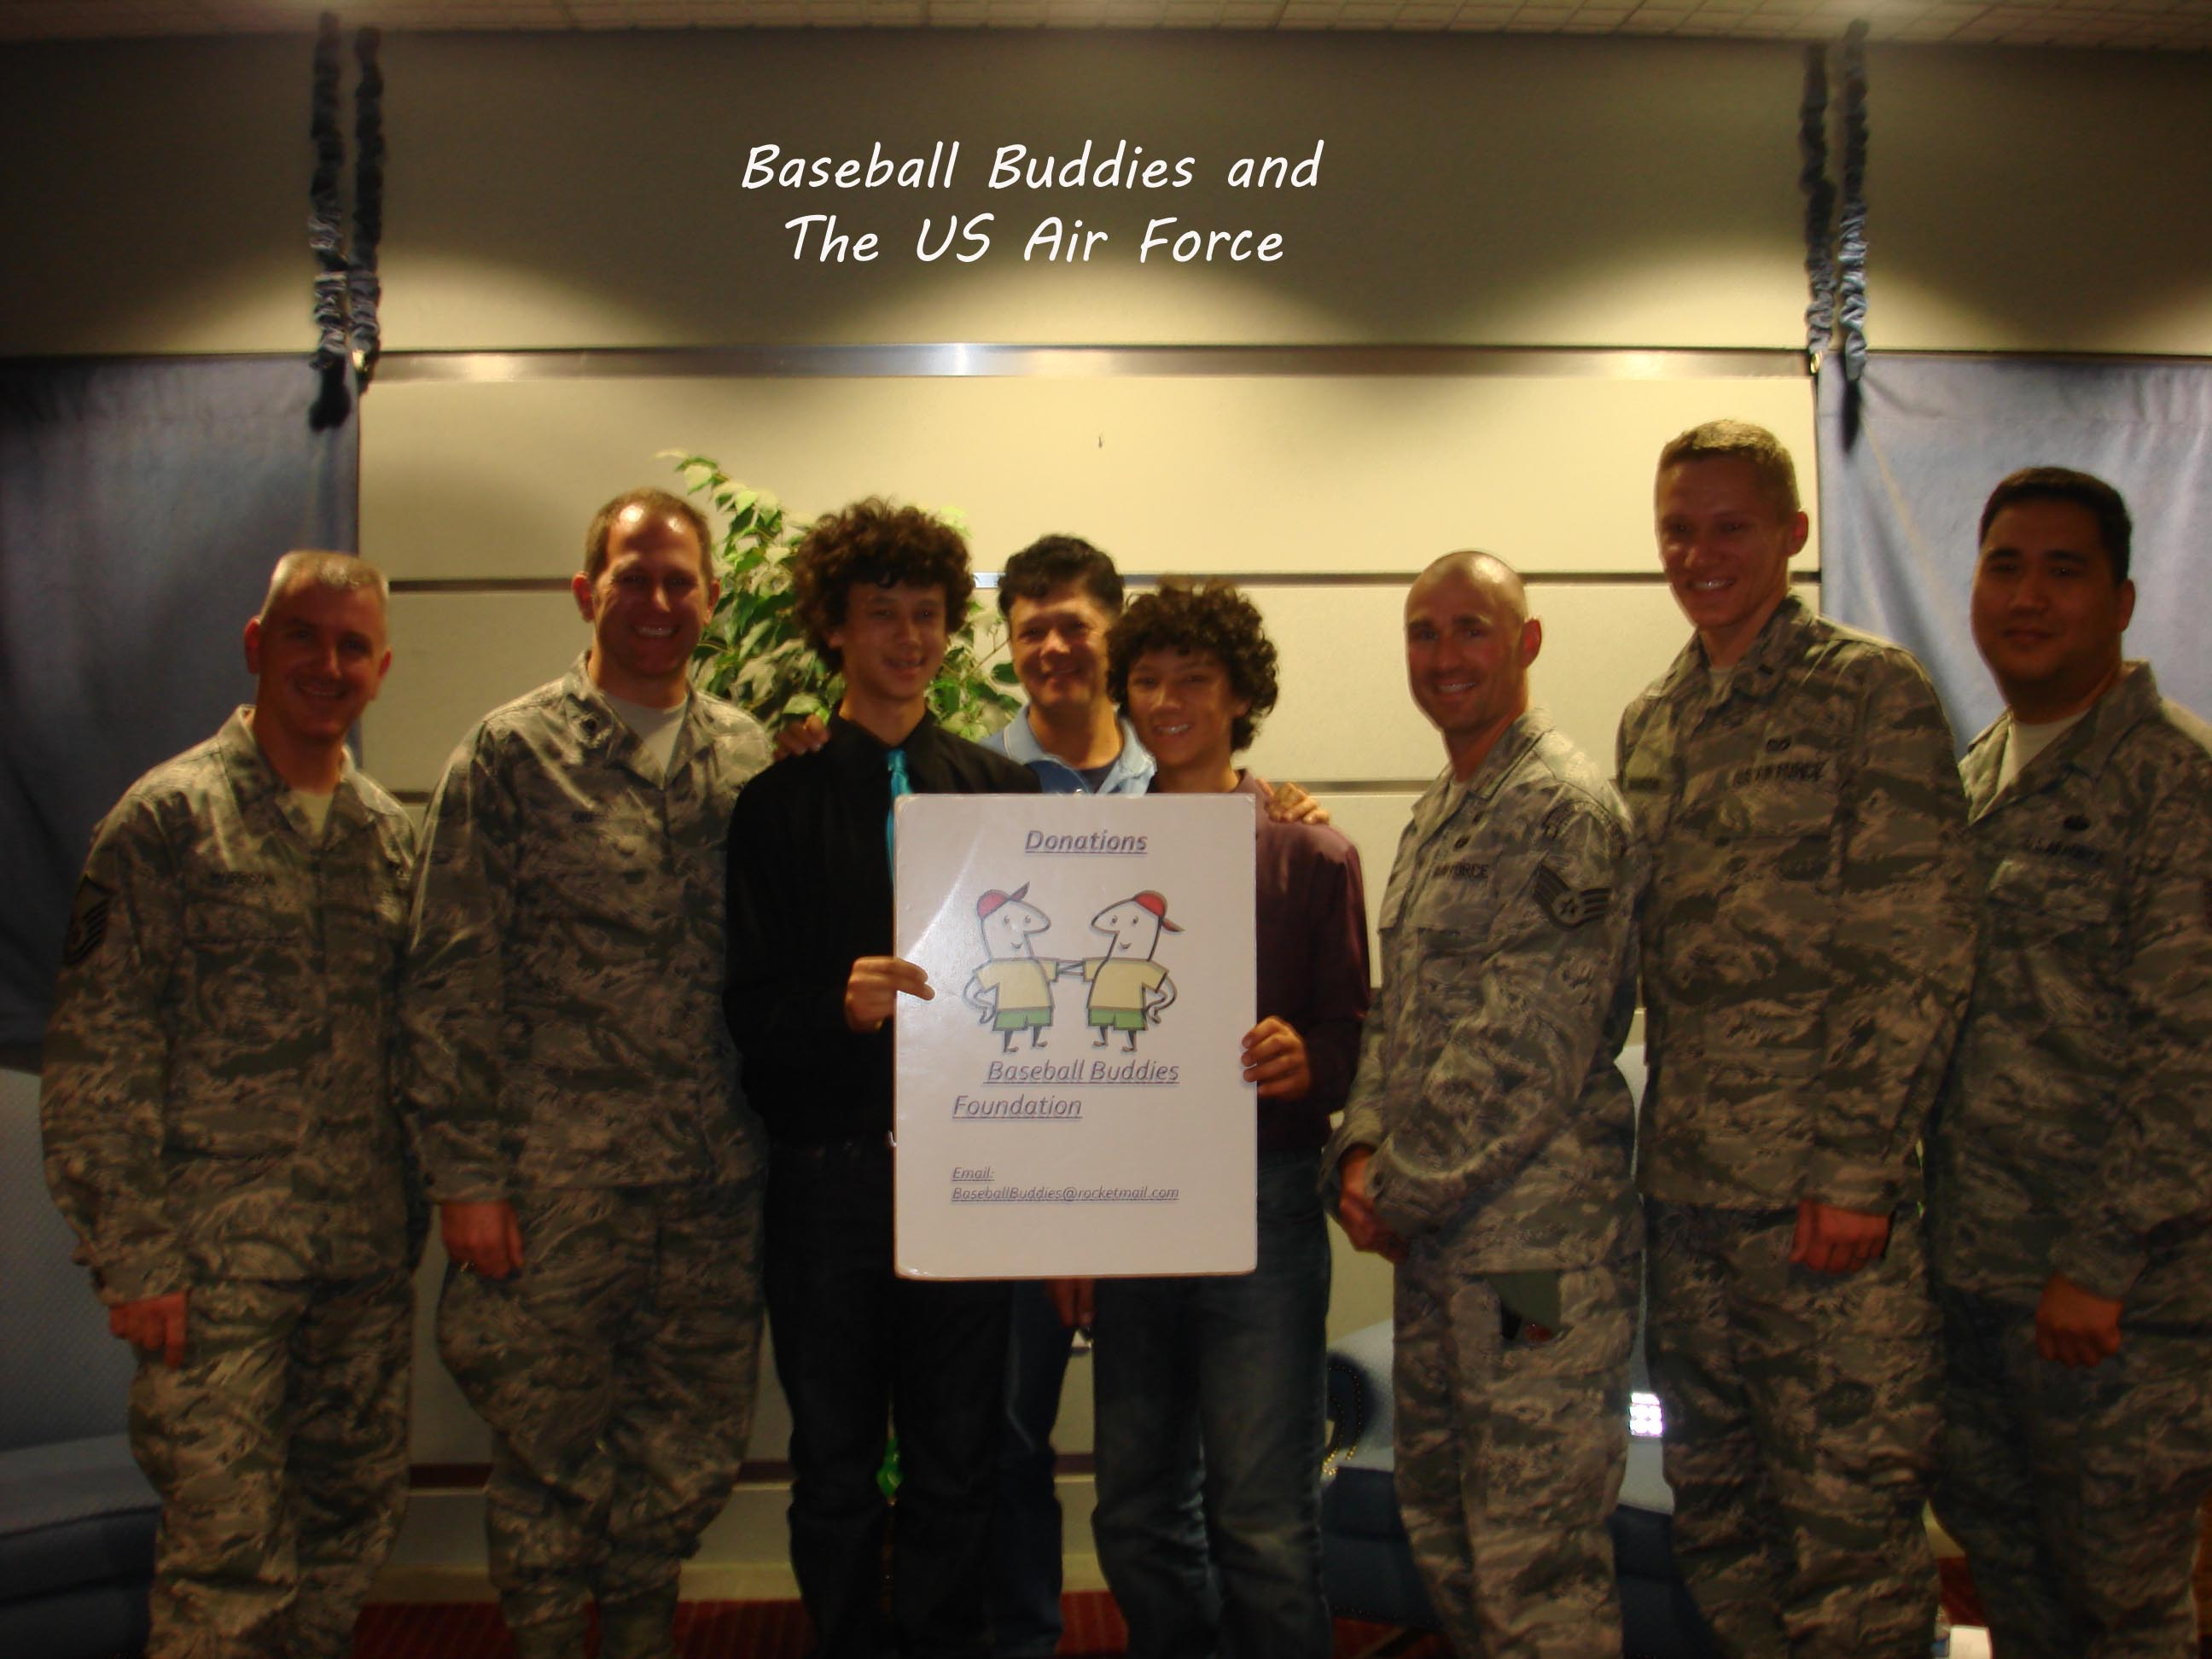 Baseball Buddies and Air Force